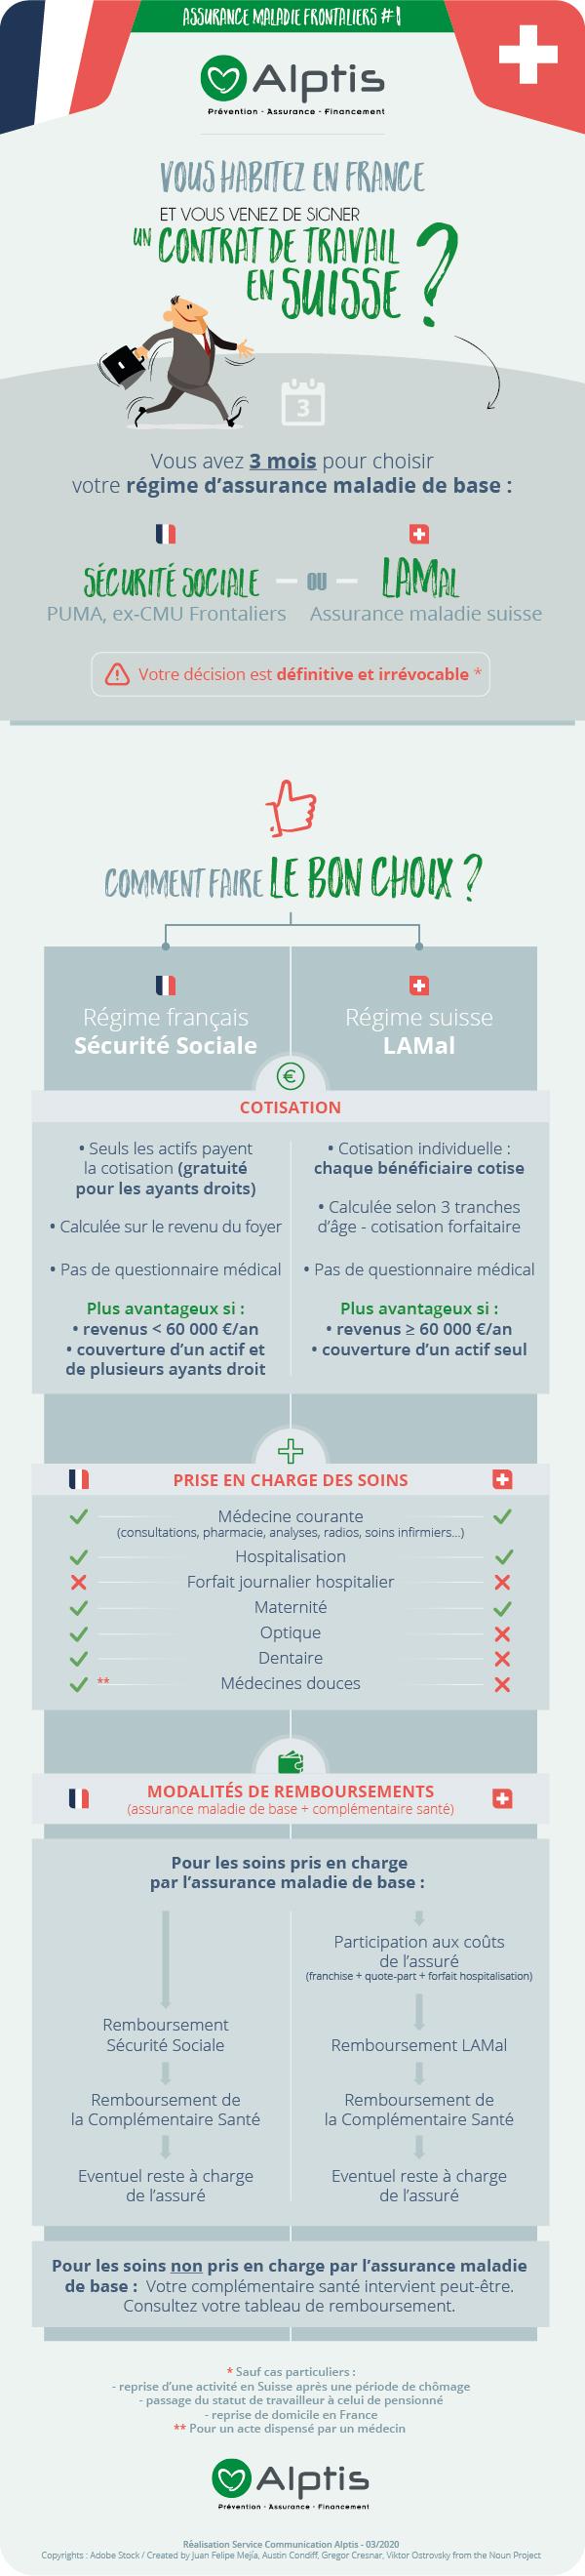 Infographie travailleur frontalier : Différences entre Sécurité Sociale et LAMal